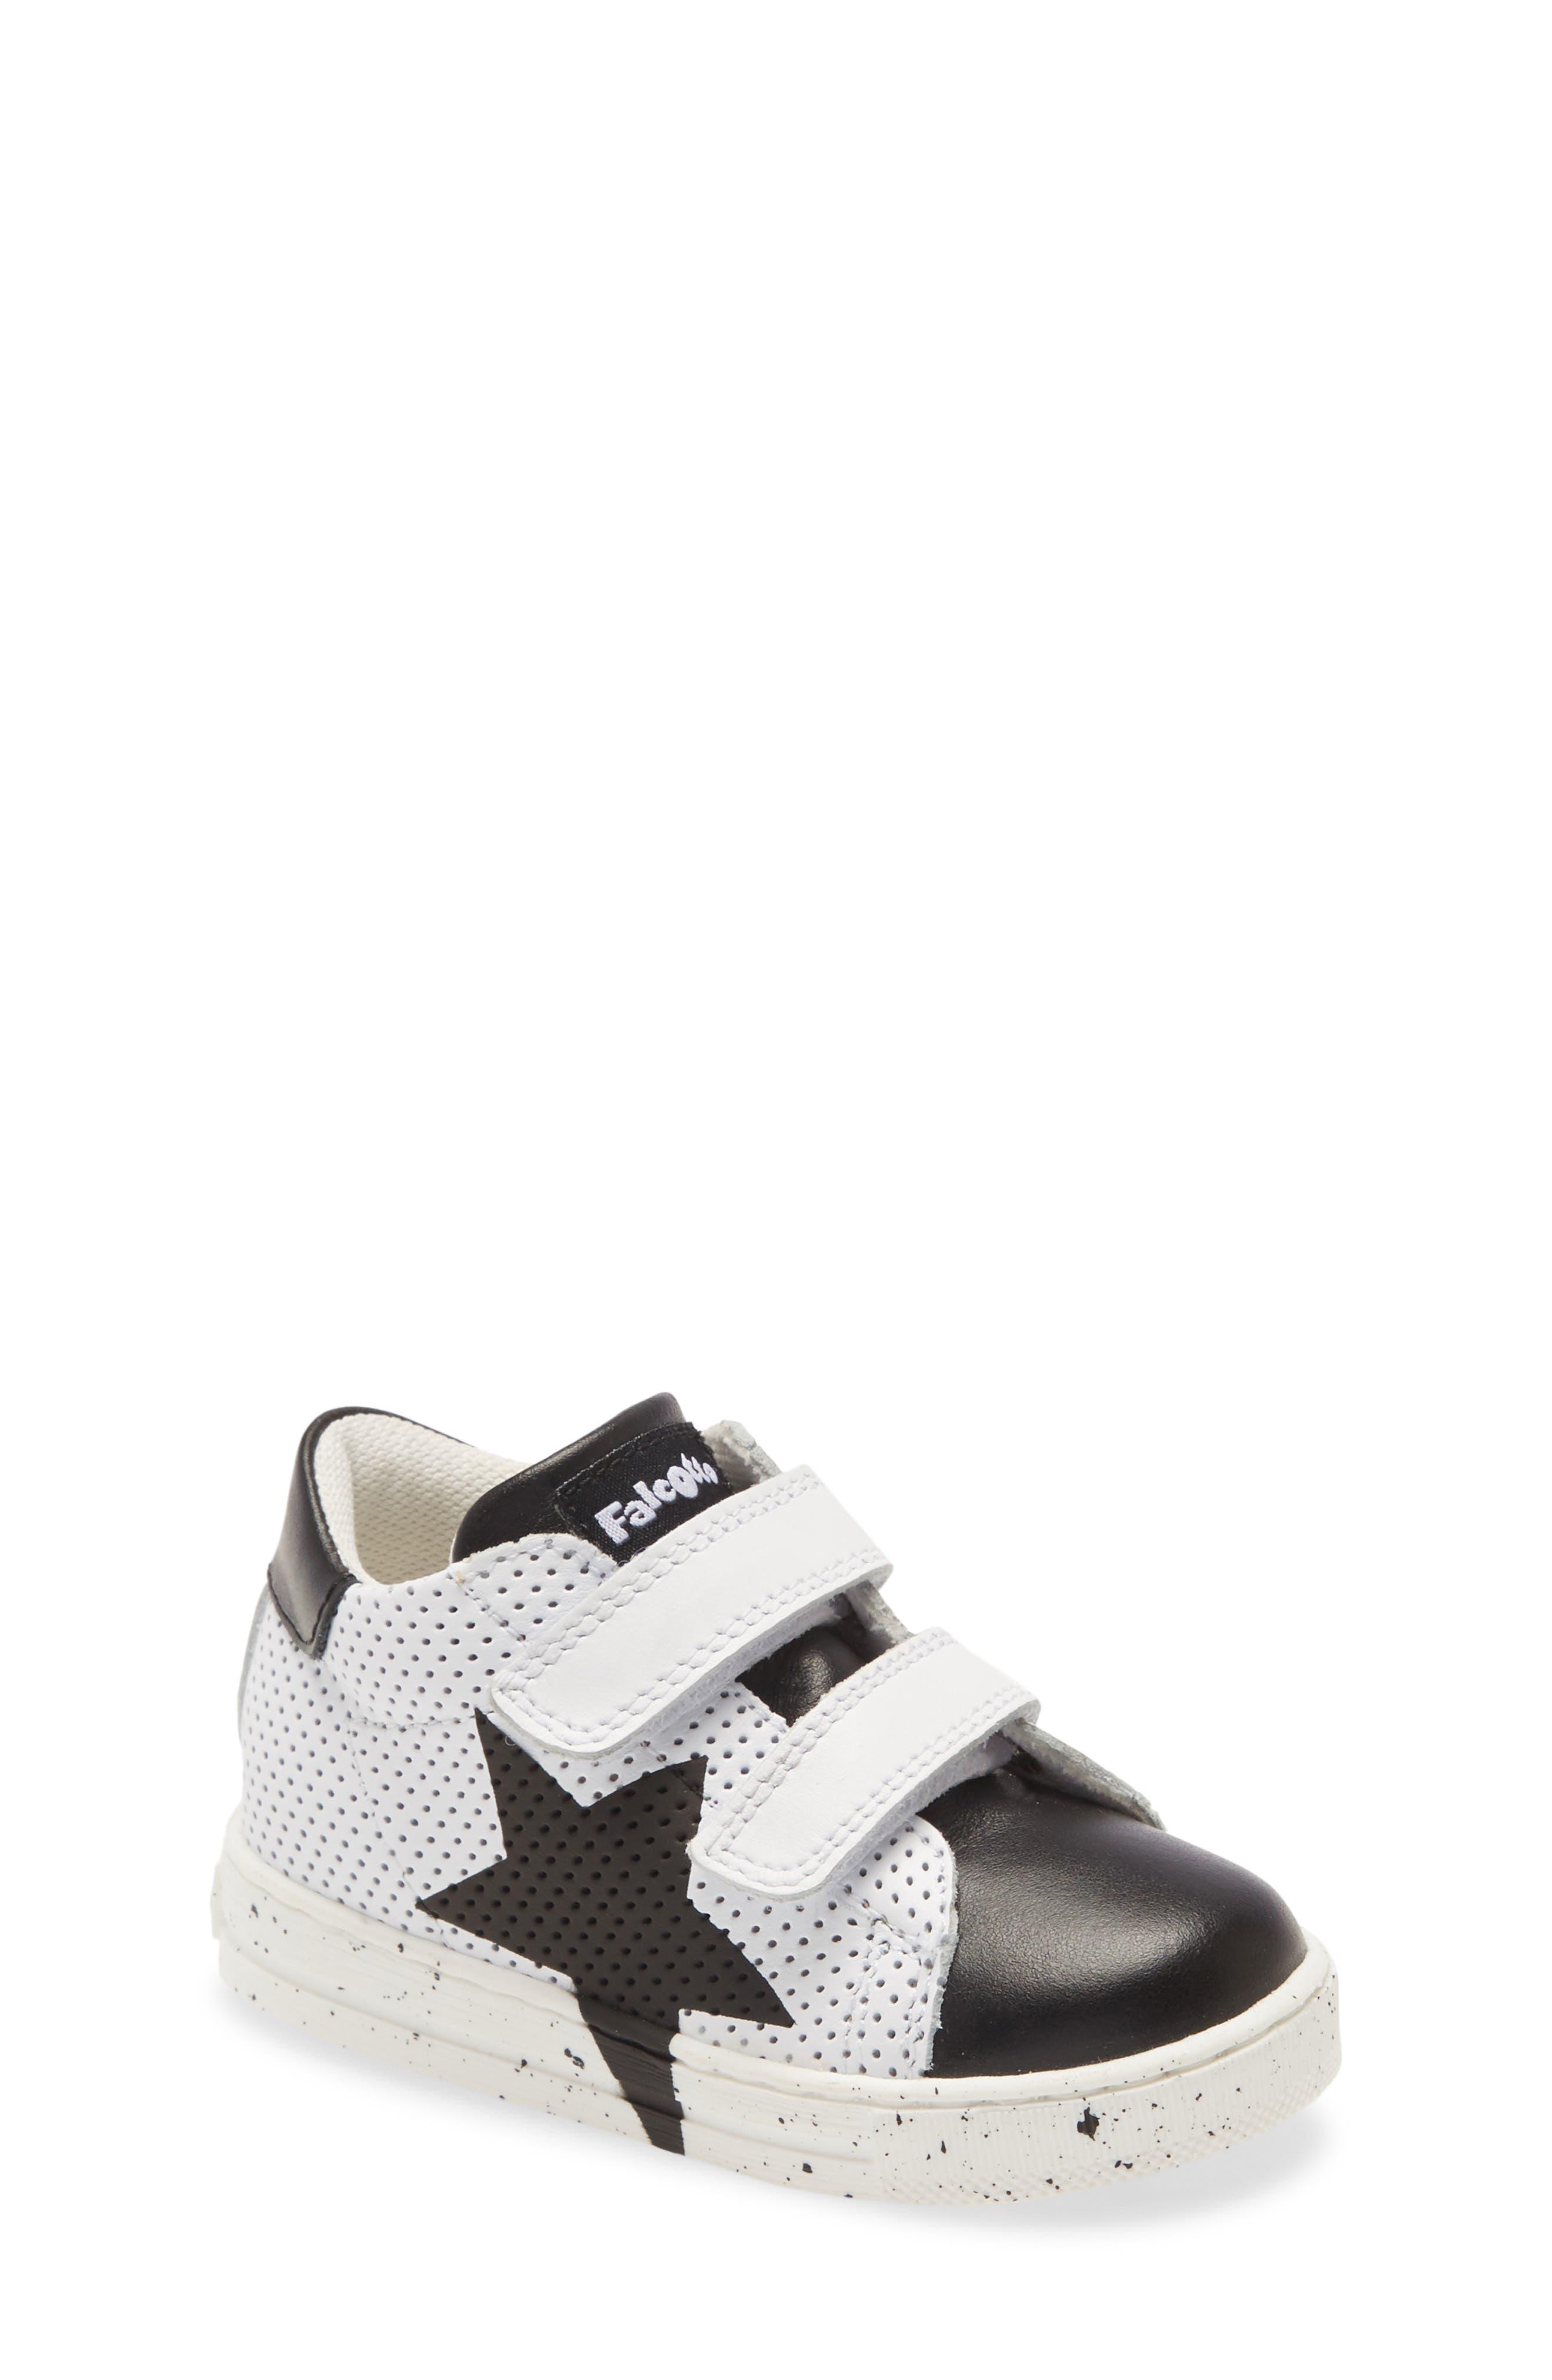 Unisex Kids' \u0026 Baby Naturino Shoes